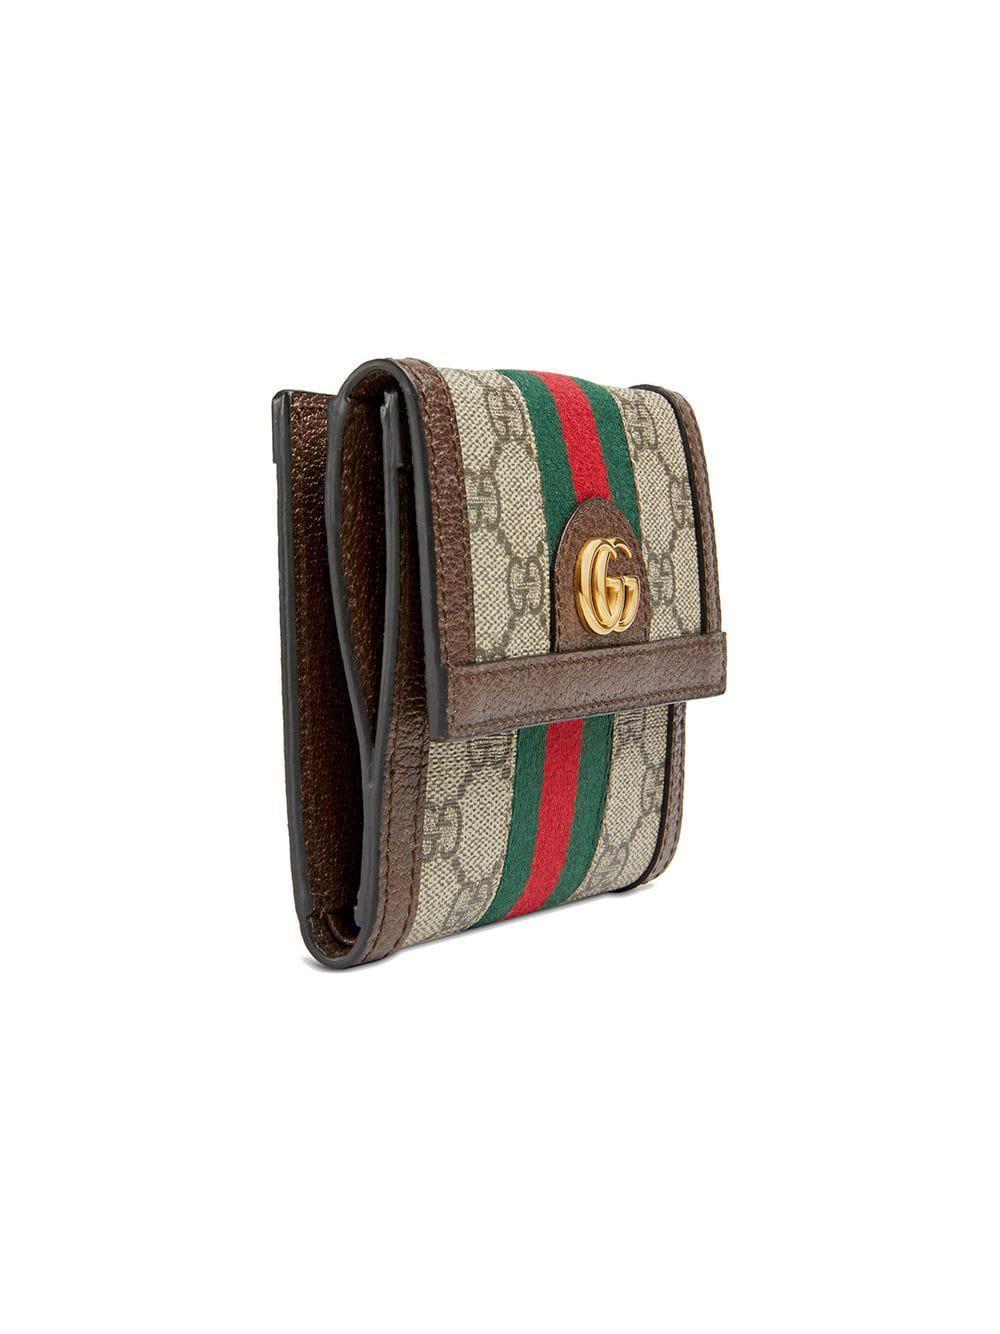 577af27c54404 Gucci  Ophidia  Portemonnaie in Braun - Lyst